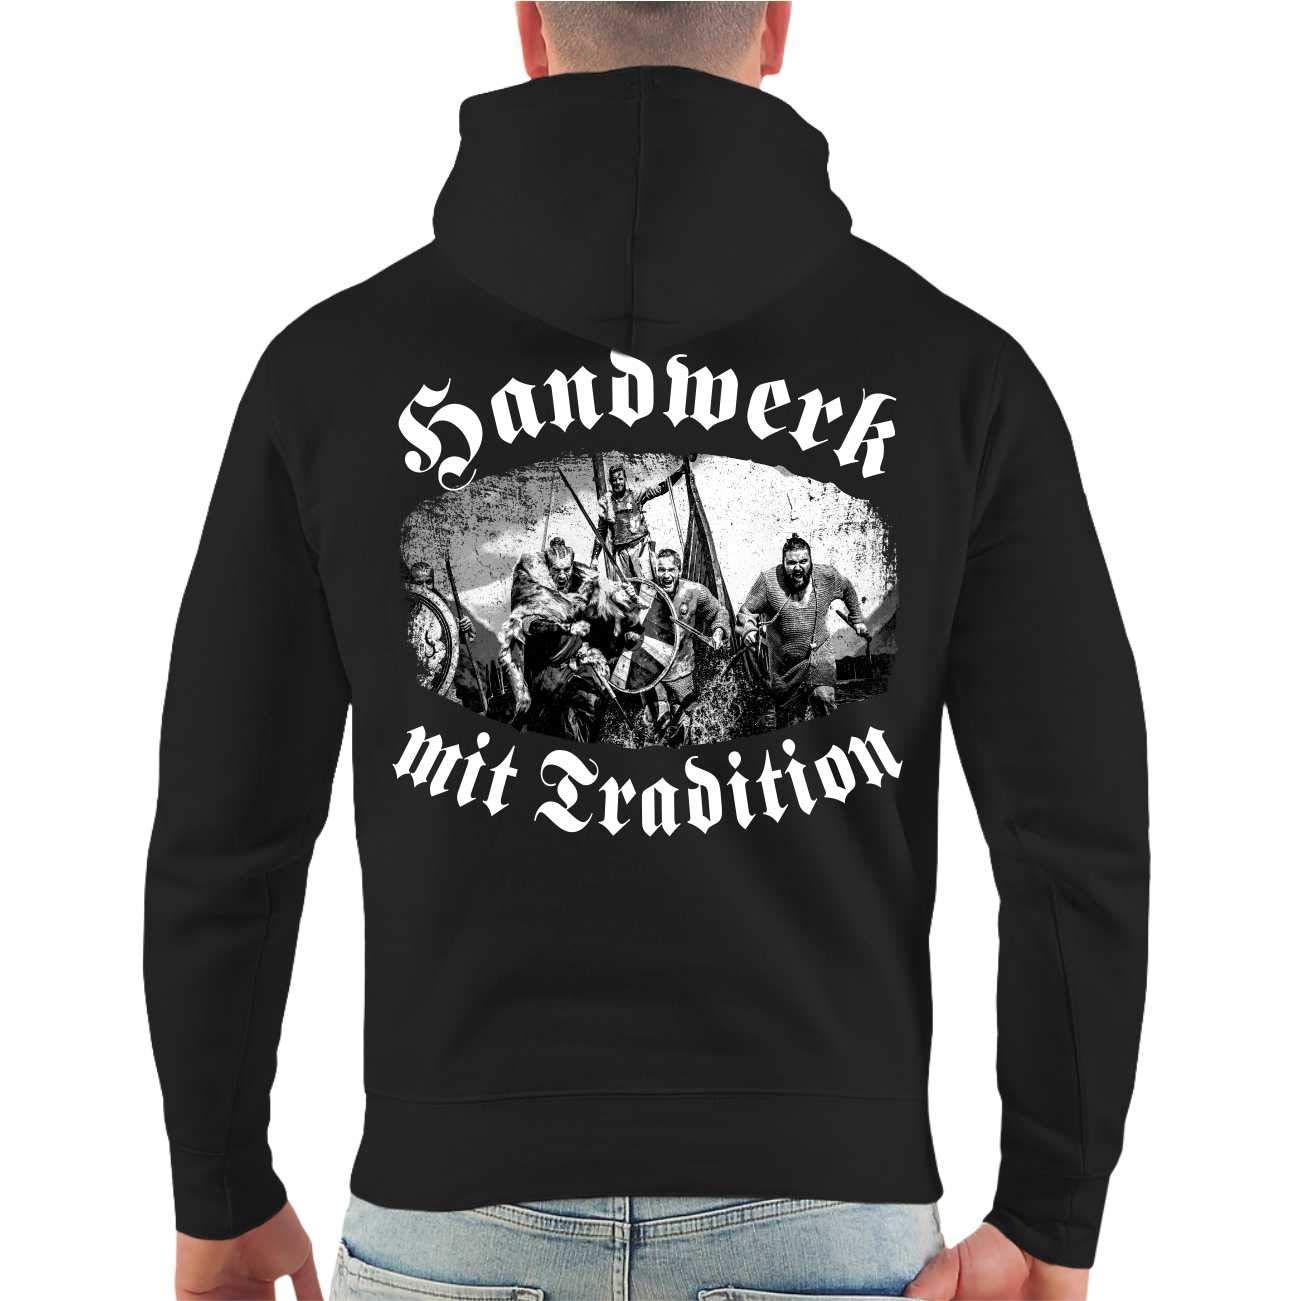 SONS OF ODIN Männer Männer Männer und Herren Kapuzenpullover Wikinger Handwerk mit Tradition (mit Rückendruck) Größe S - 8XL B07C1Z5SLV Sweatshirts Voller Charme 980ed1